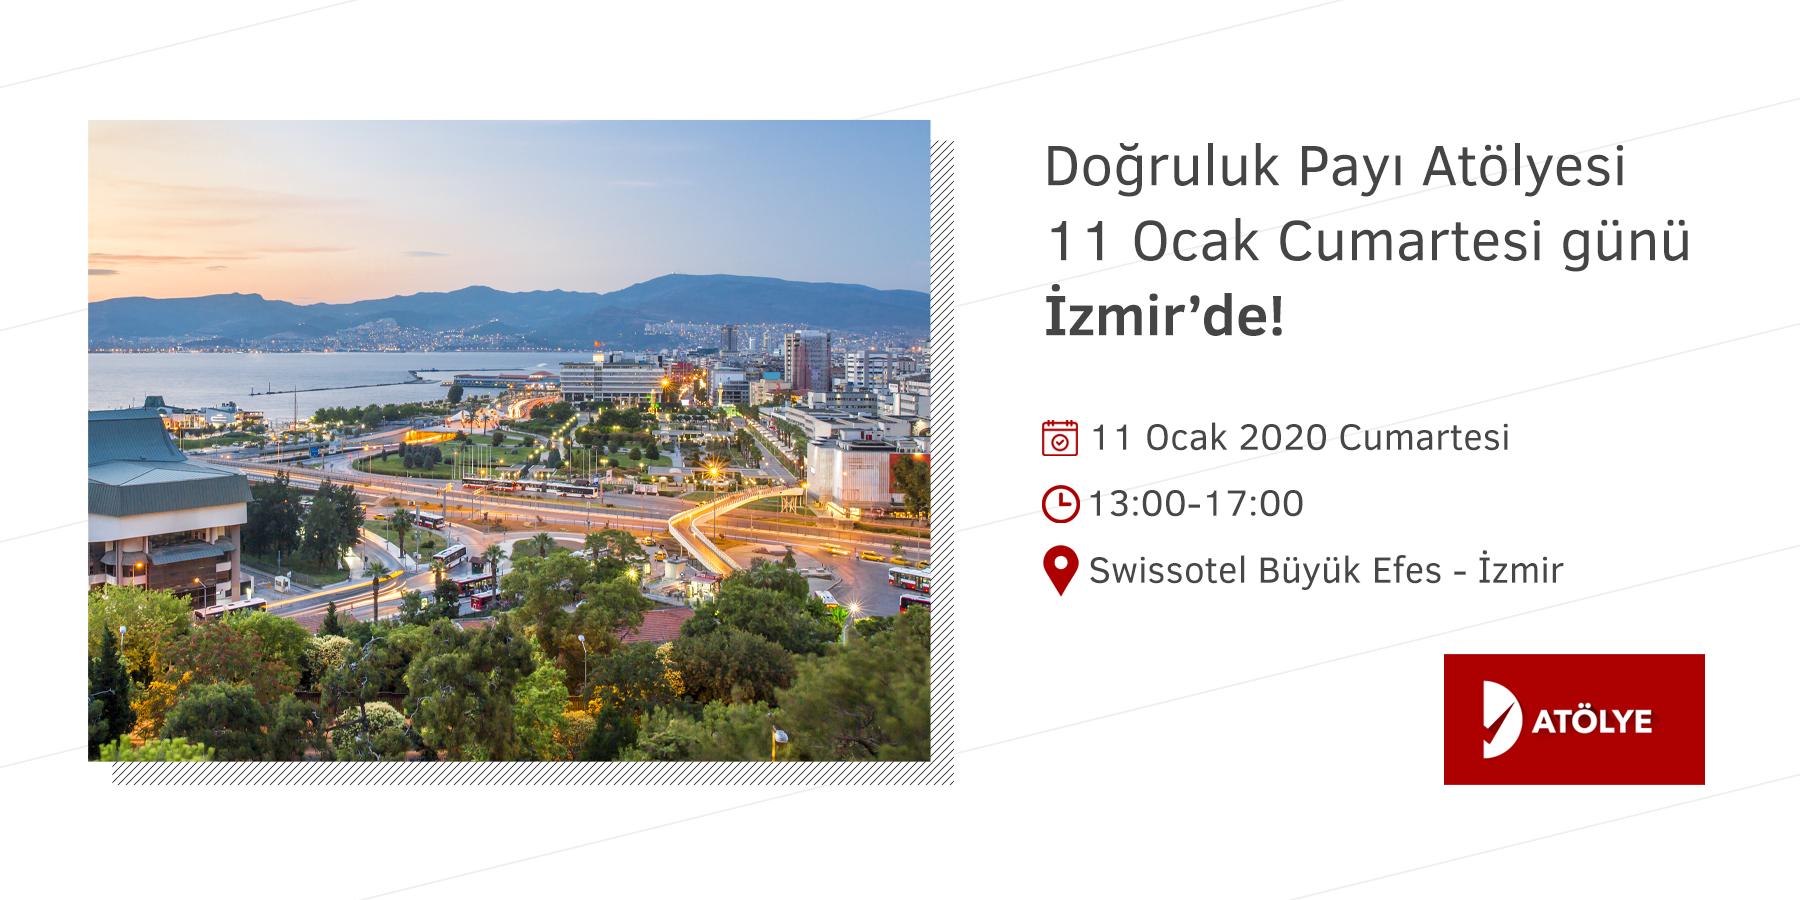 Doğruluk Payı Atölyesi 11 Ocak'ta İzmir'de!